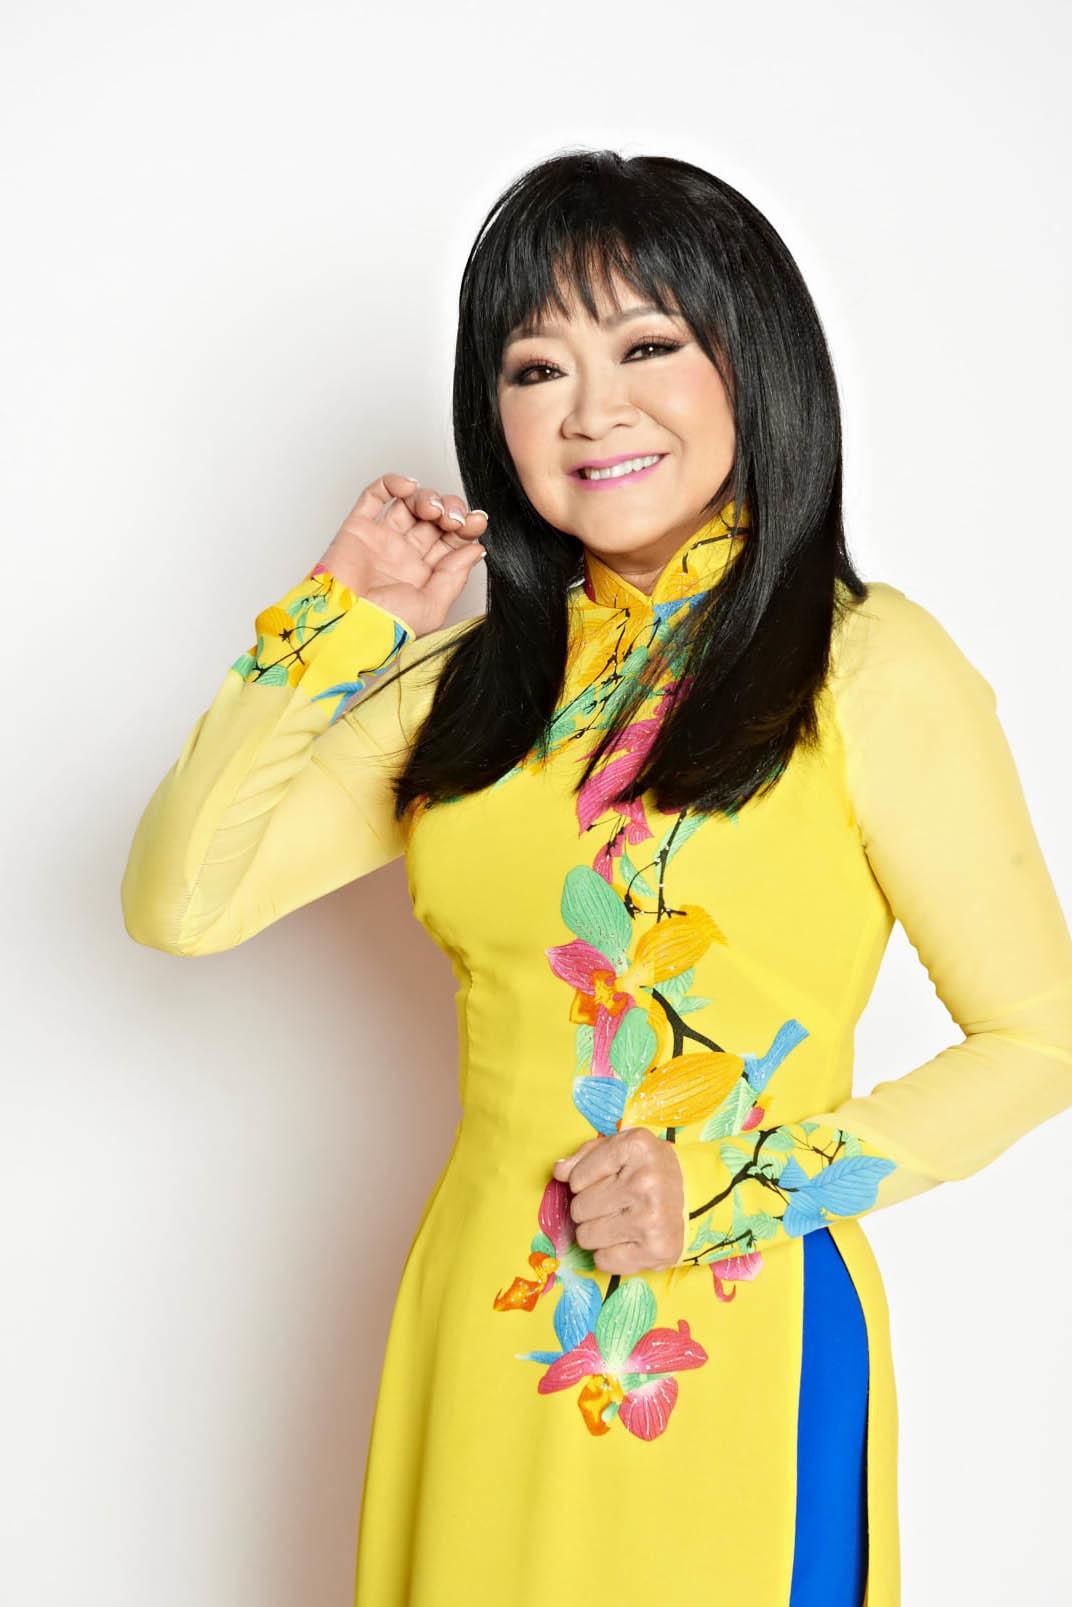 Tuổi 74, danh ca Hoàng Oanh vẫn trẻ đẹp, hạnh phúc bên chồng nhạc sĩ - Ảnh 11.